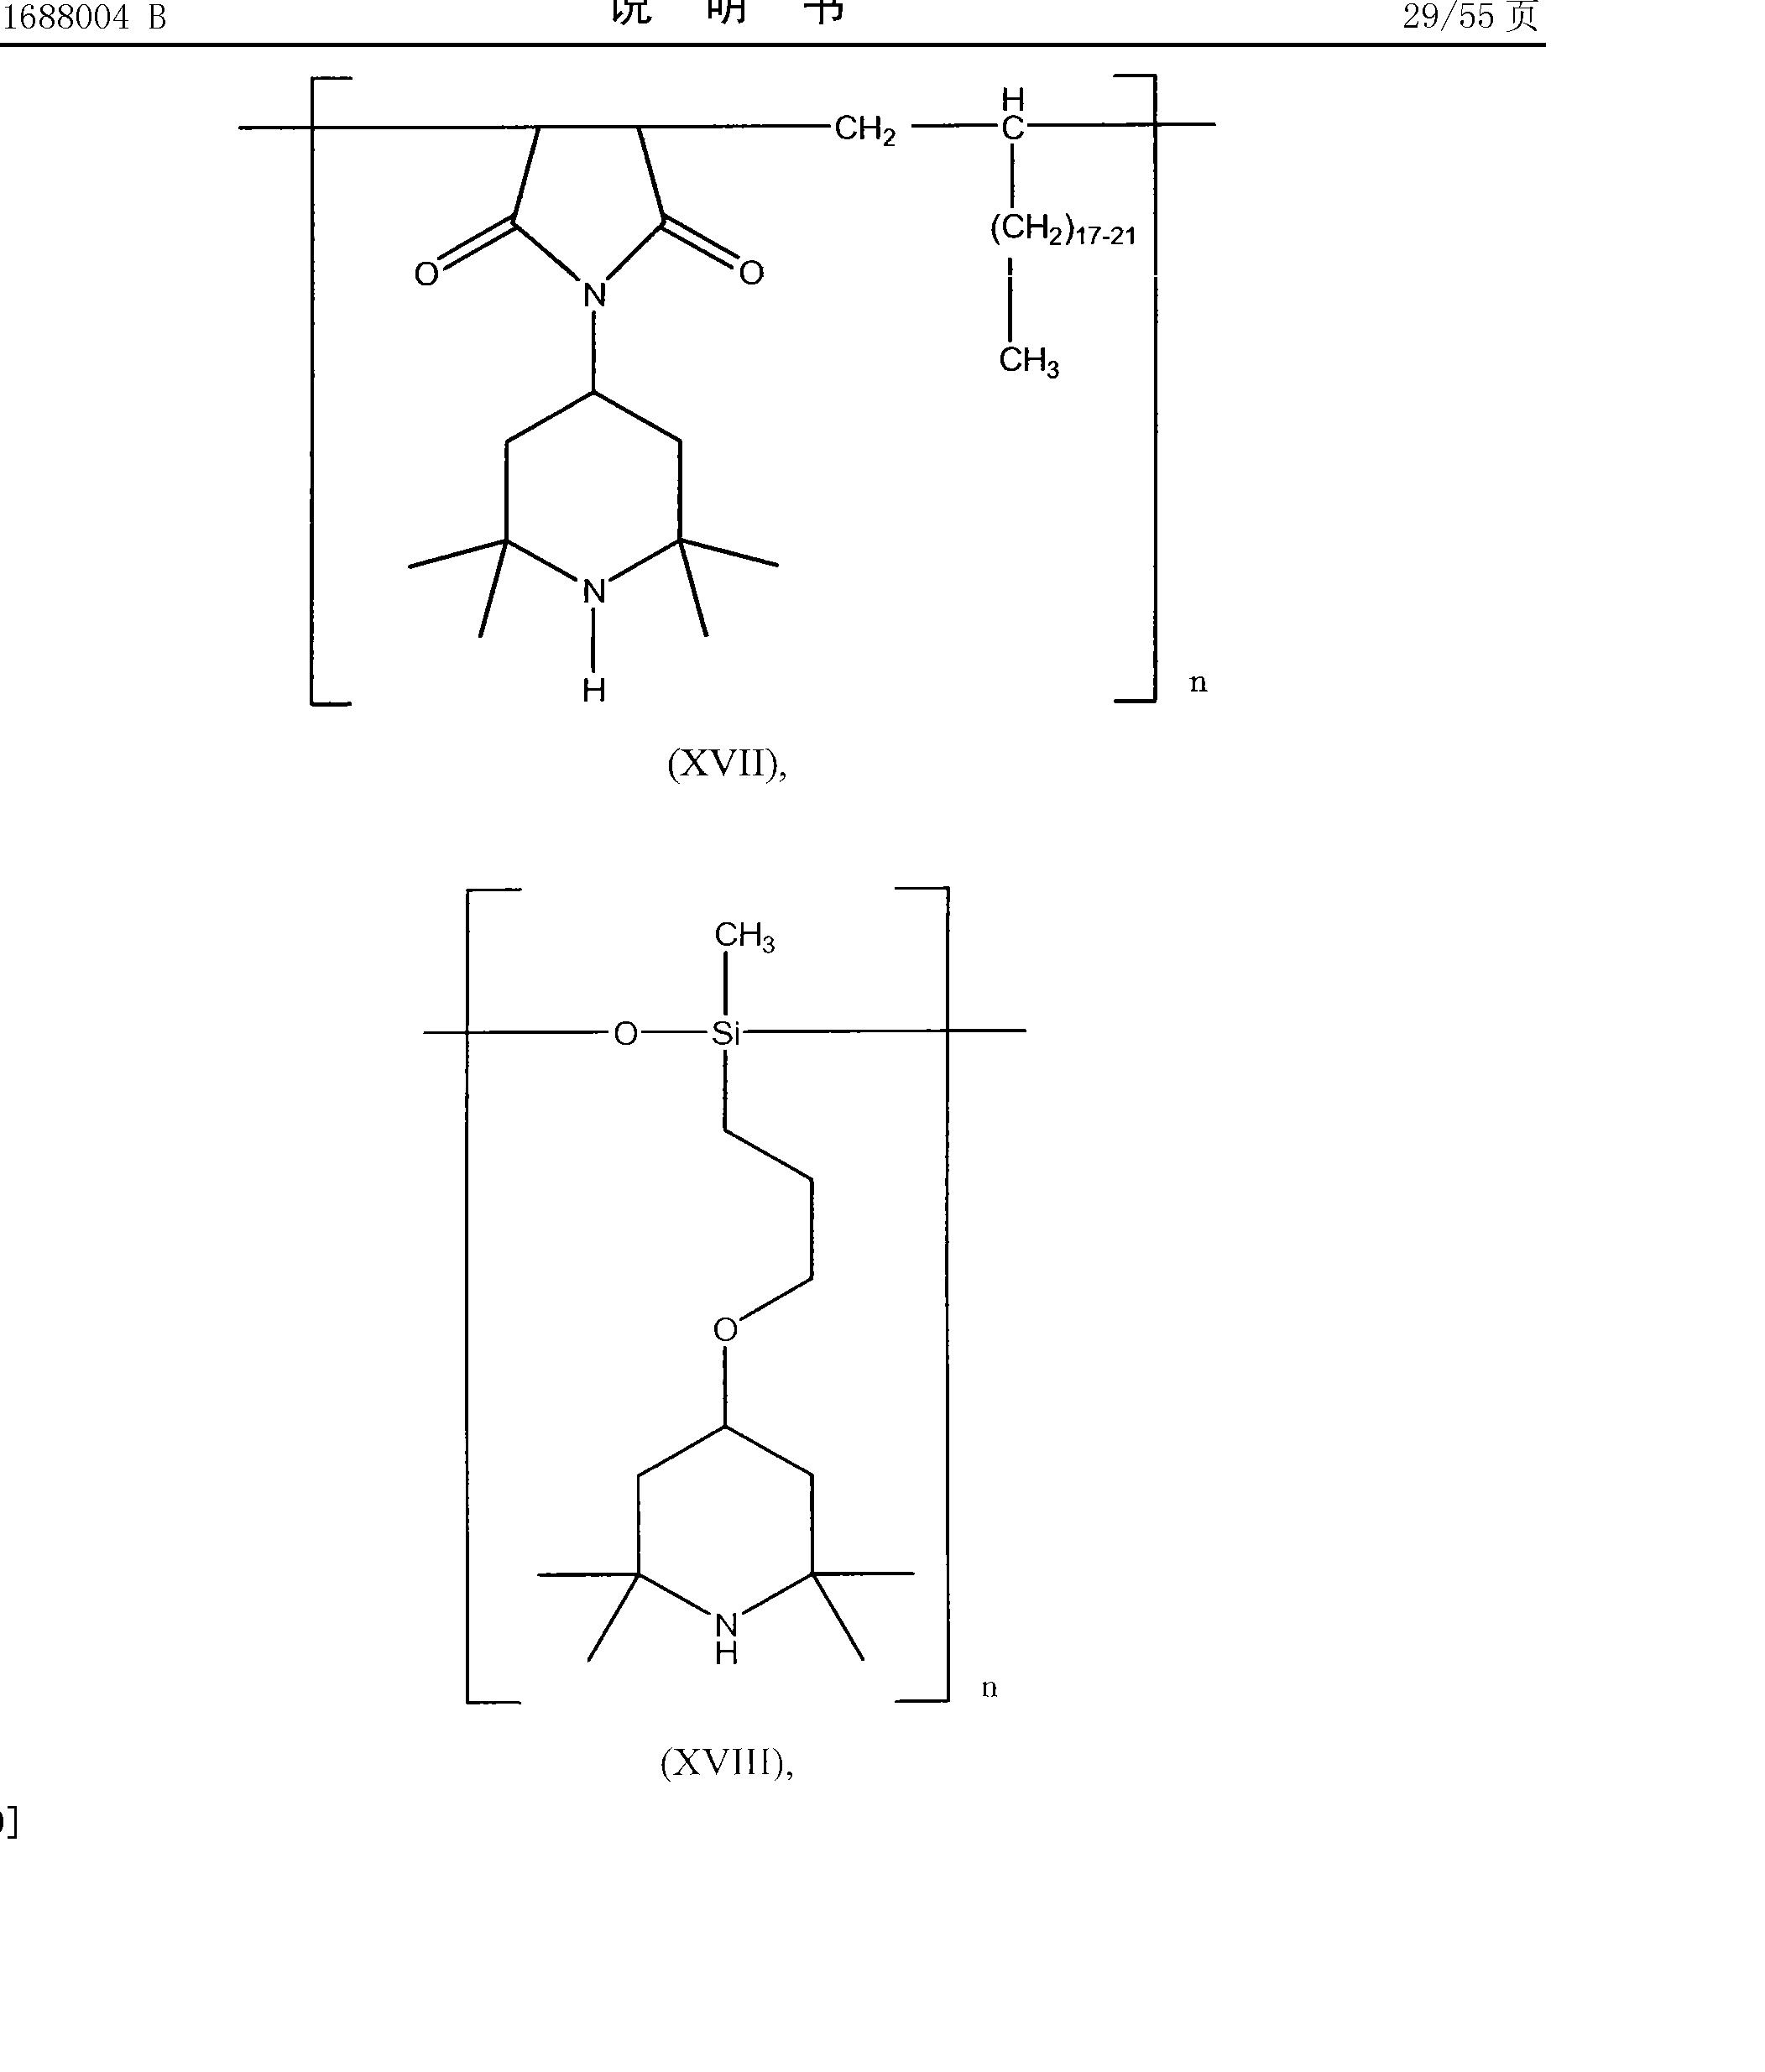 Figure CN101688004BD00471